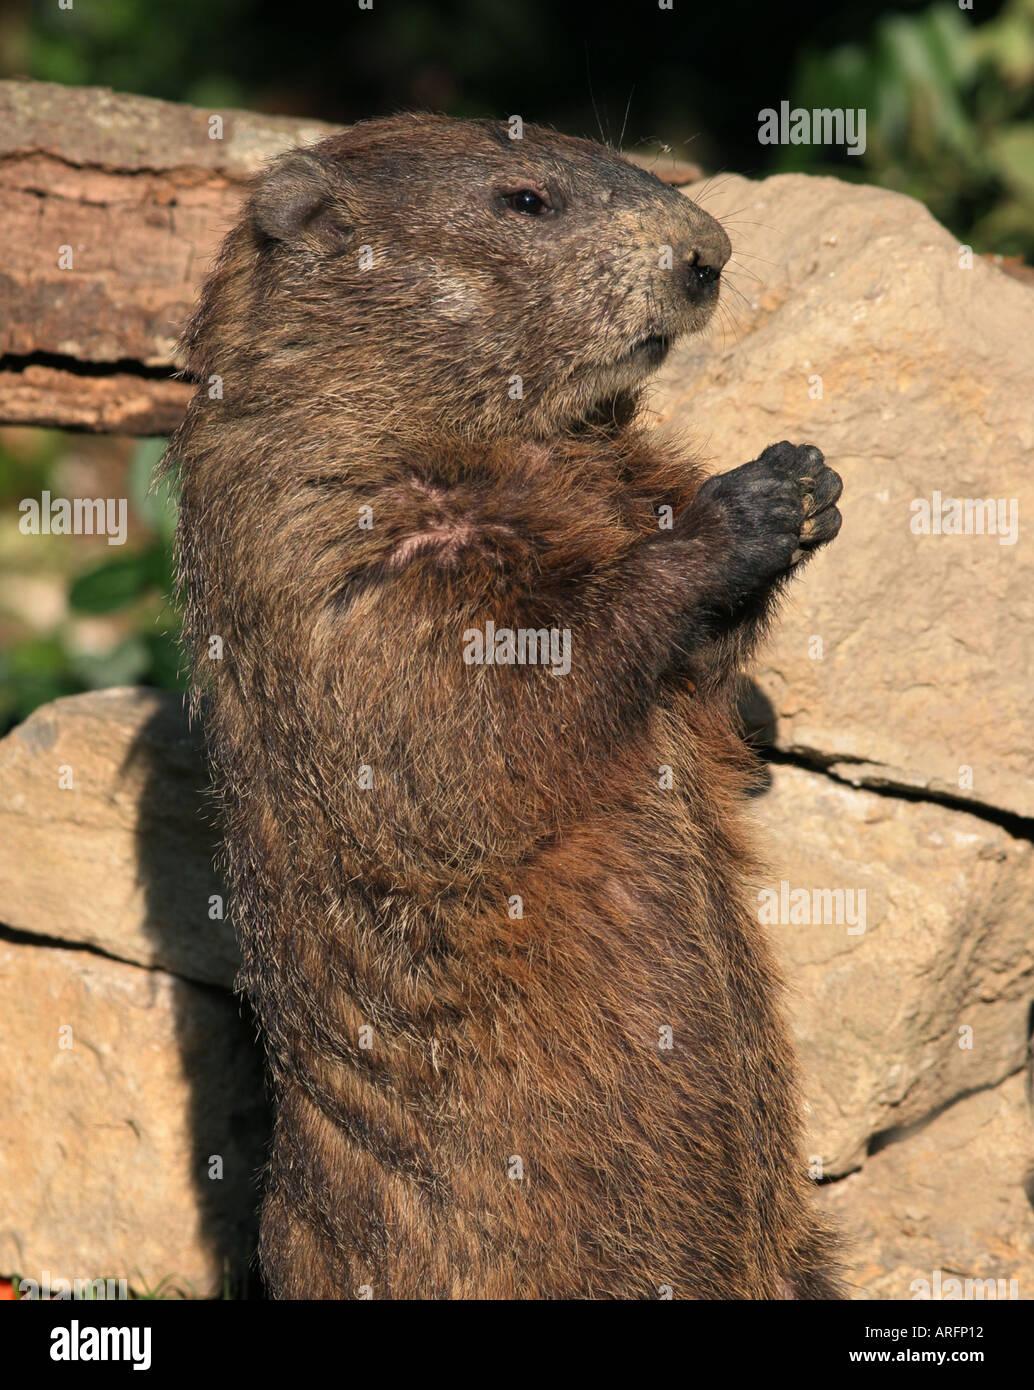 woodchuck standing eeding - Stock Image